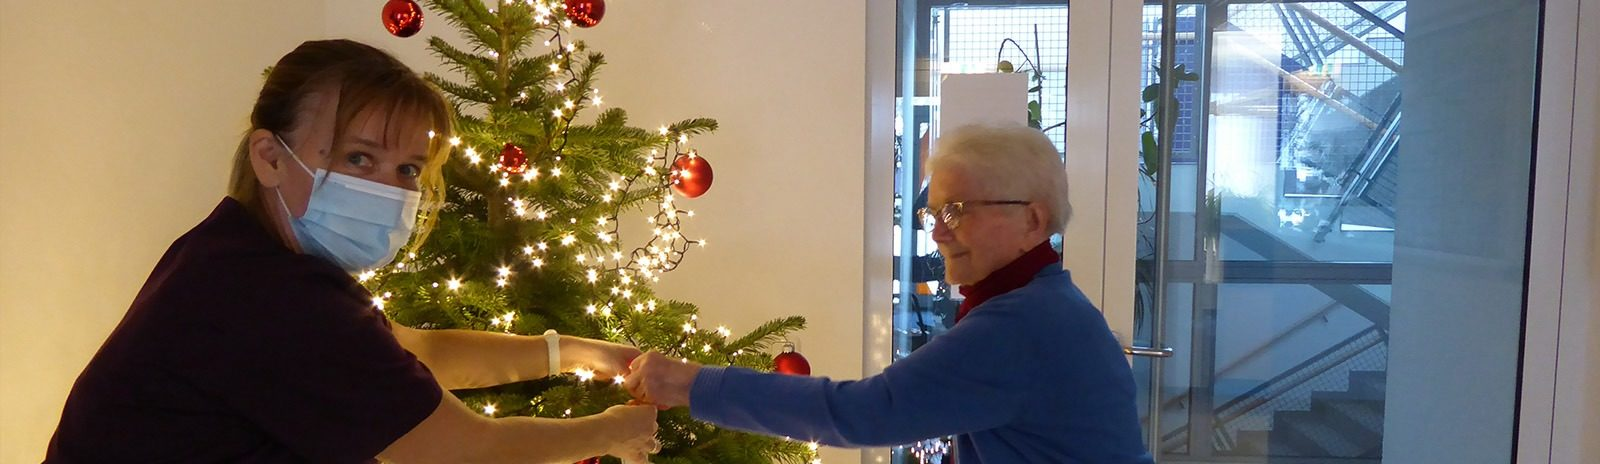 SC_Oberkirch_Weihnachtsbaum_schmücken_slider